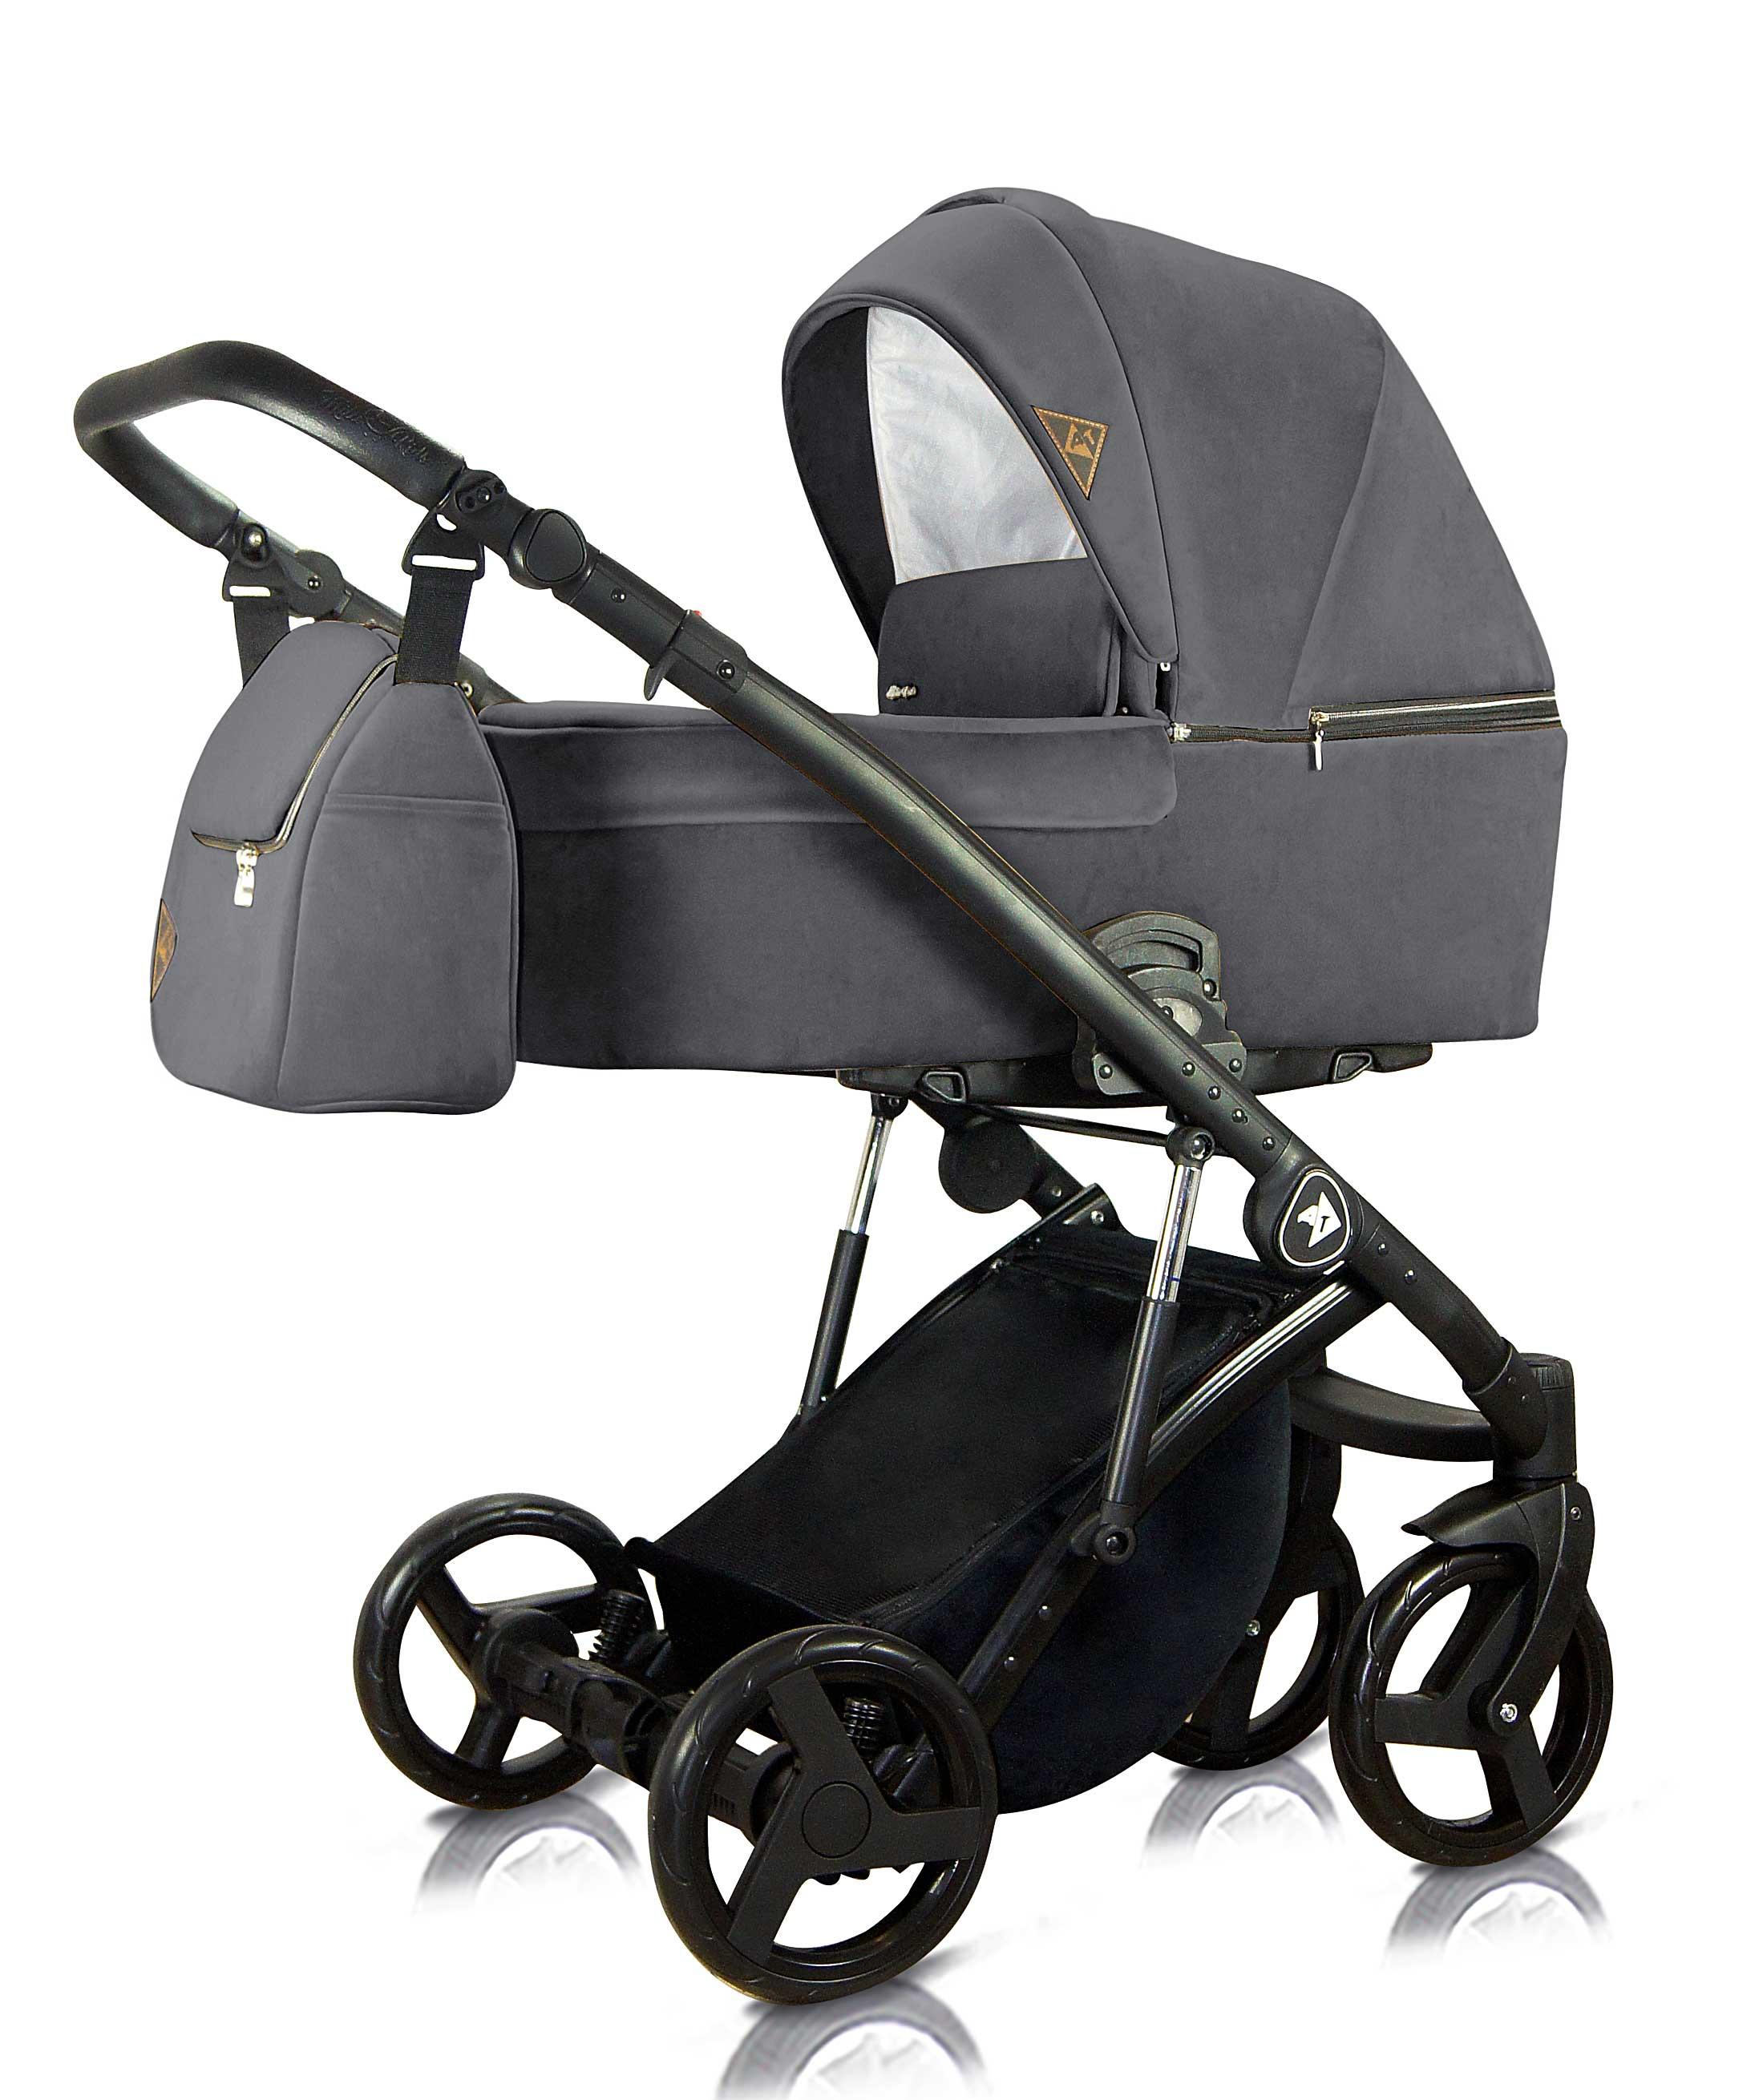 wielofunkcyjny wózek dzieciecy Atteso Milu Kids nowoczesny Dadi Shop